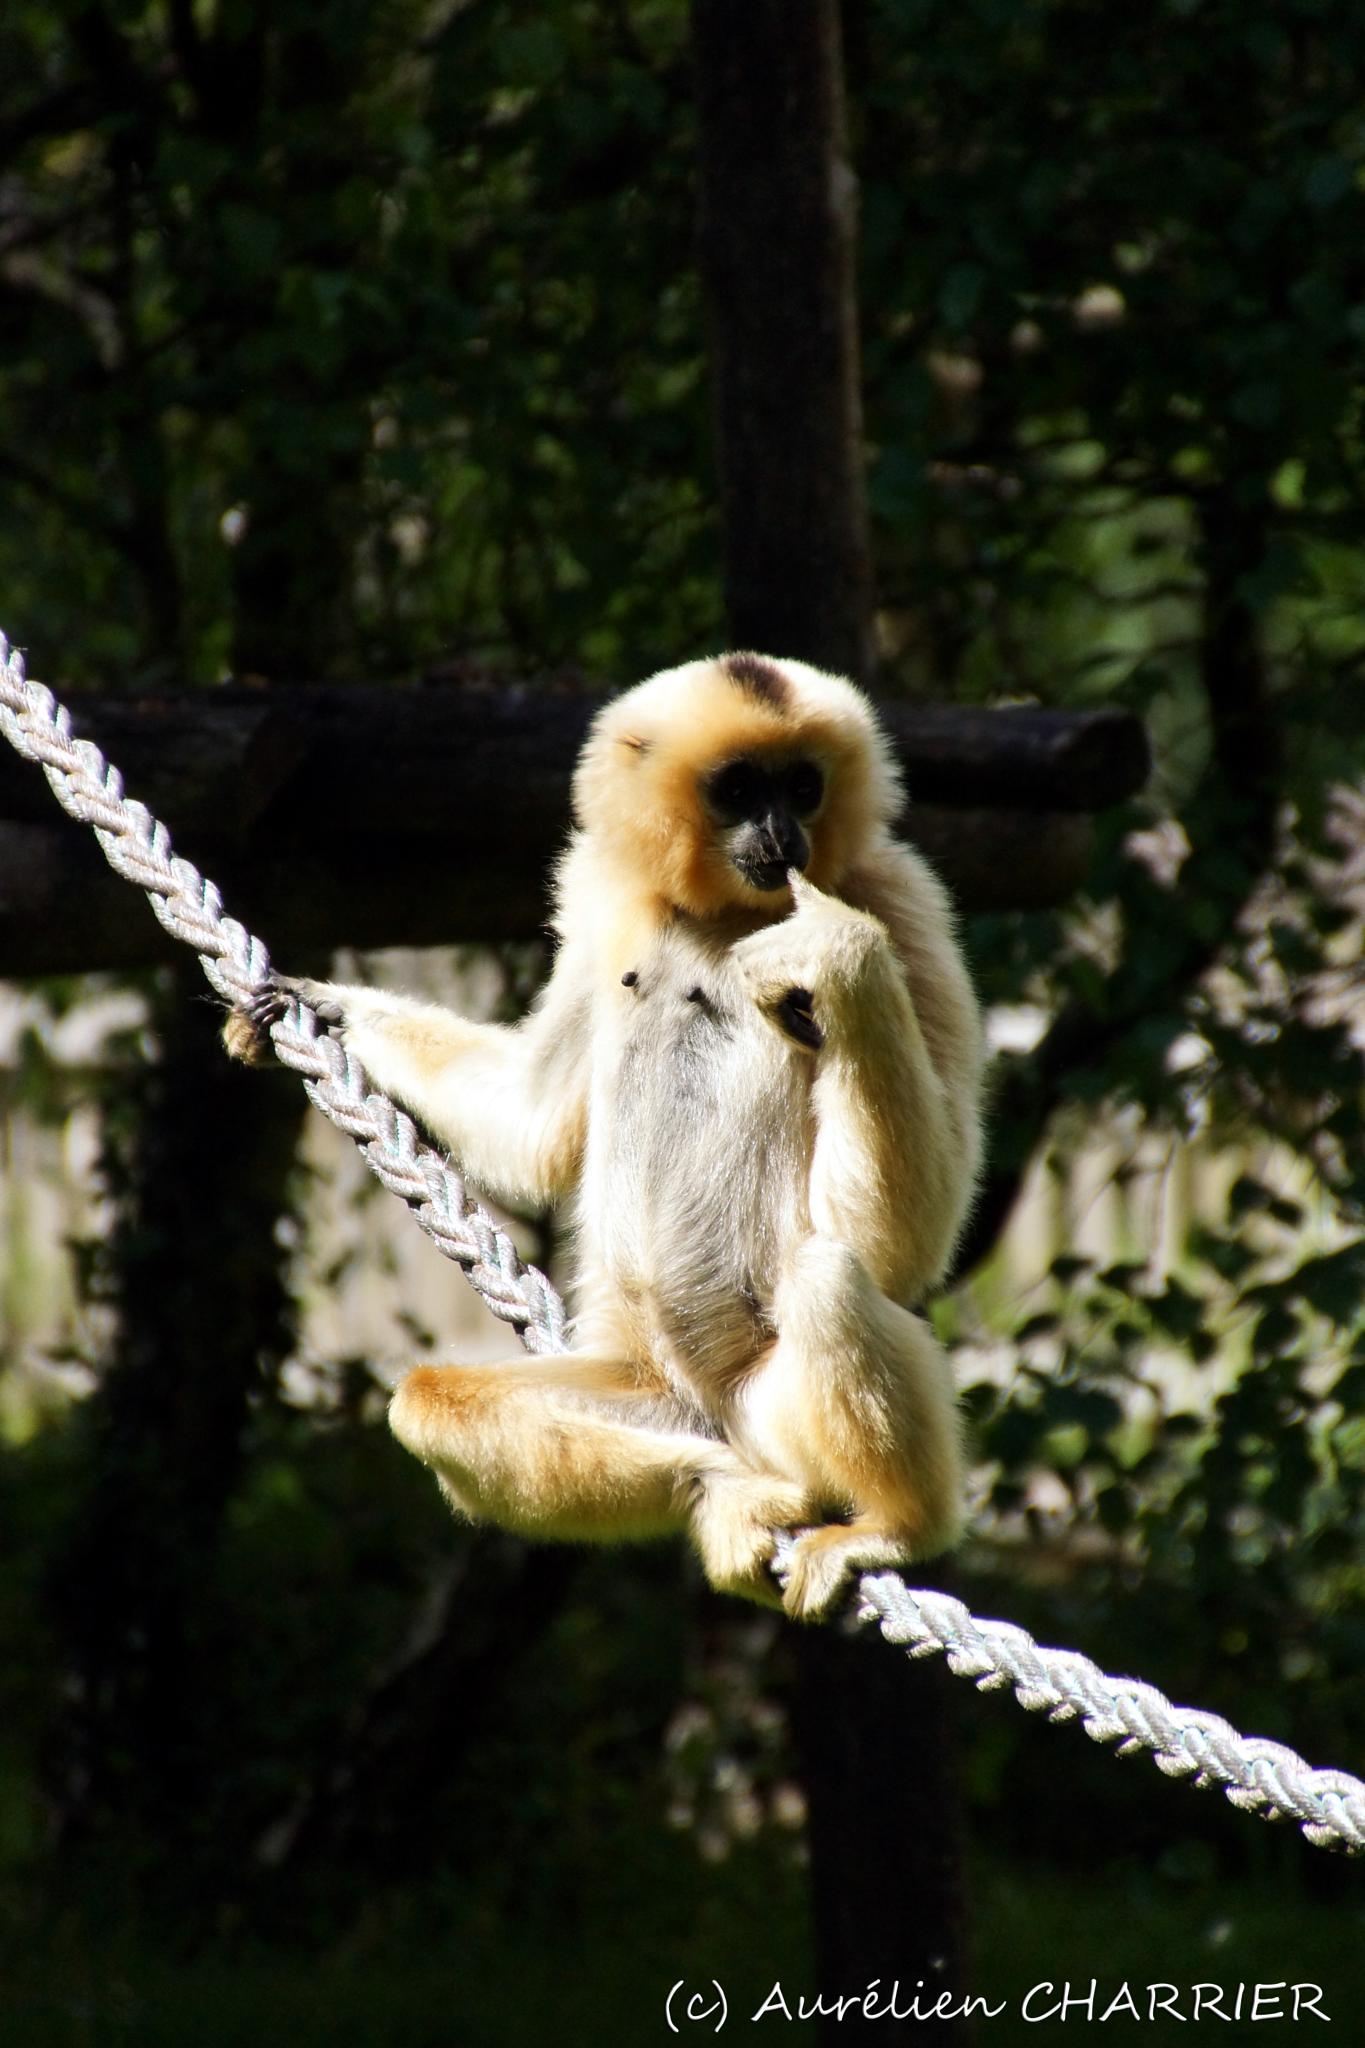 The Shy Gibbon by Aurélien CHARRIER